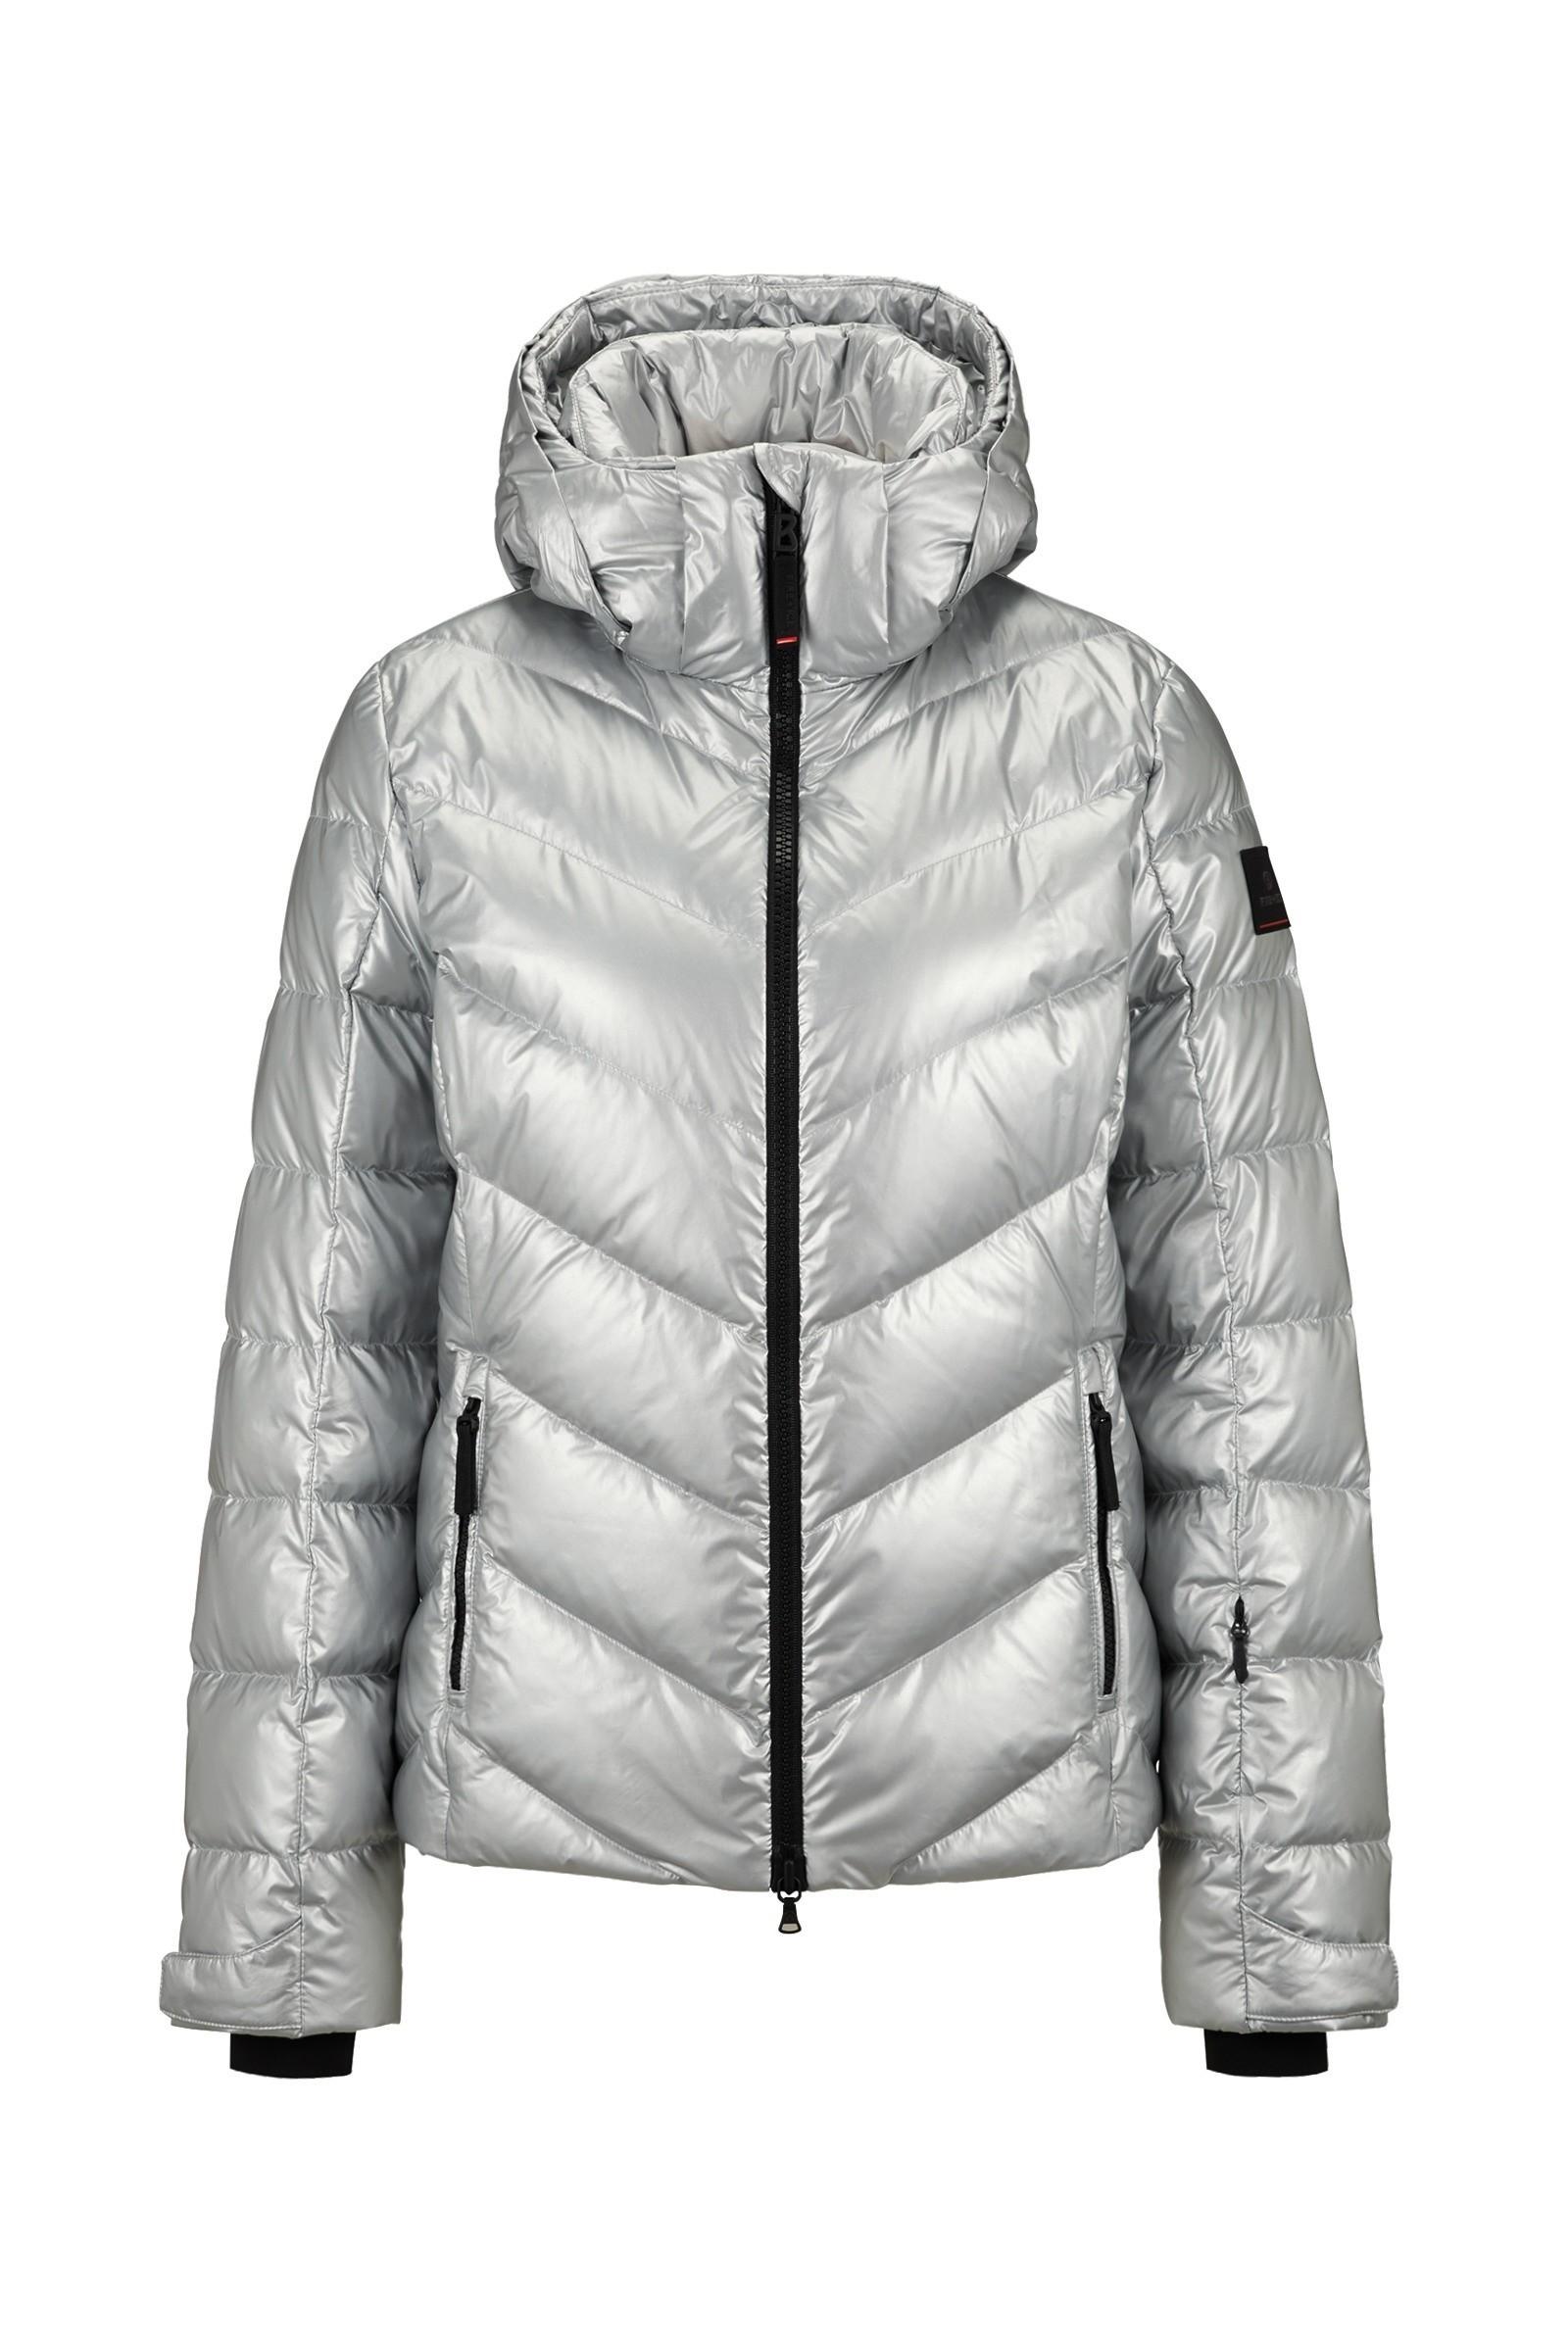 heet product 50% prijs lage prijs verkoop Bogner Fire & Ice Sassy Zilver Ski Jas Dames